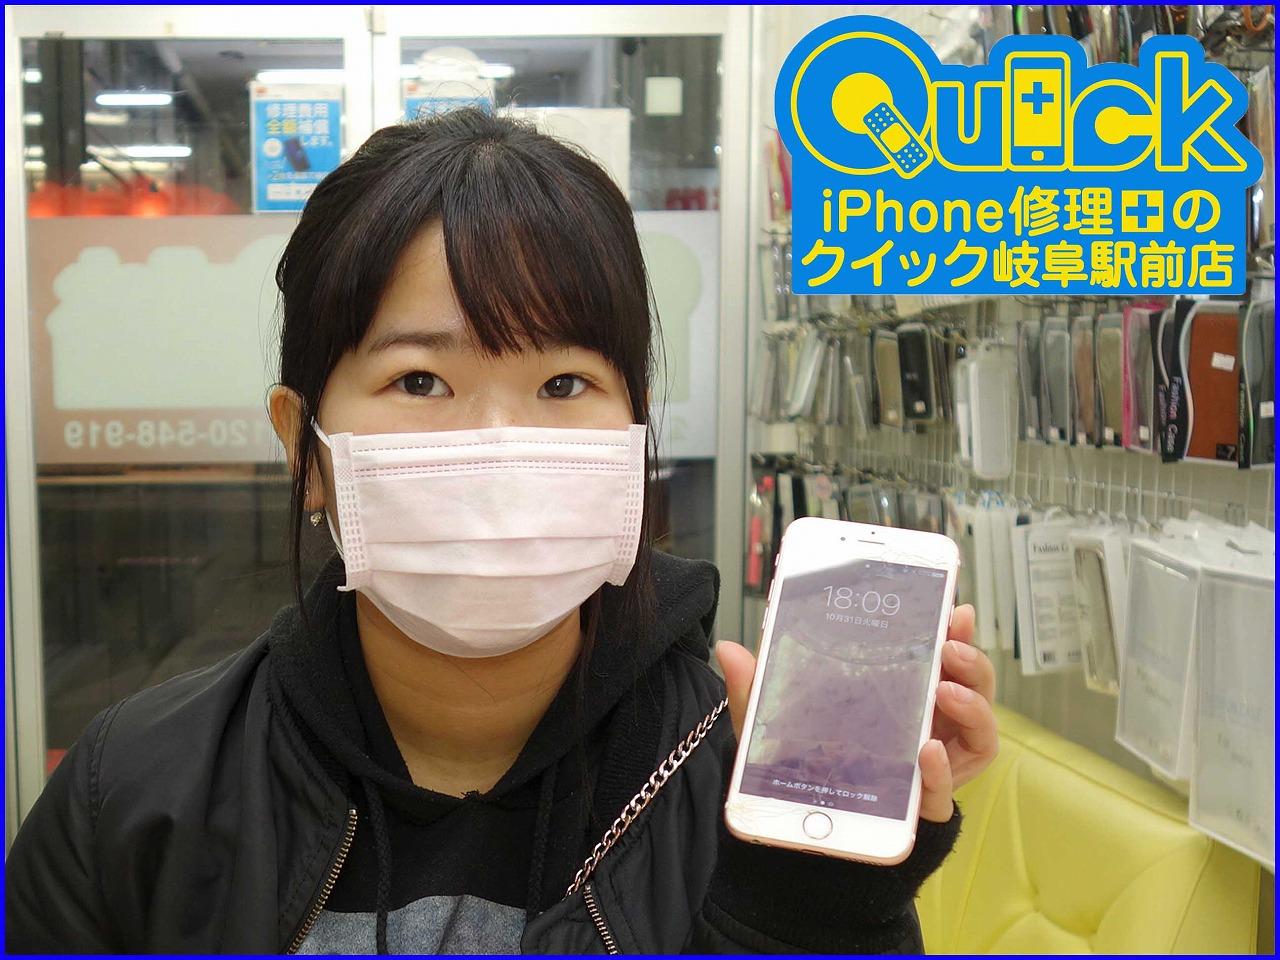 ☆岐阜市内よりiPhone6Sの水没復旧修理にご来店~♪アイフォン修理のクイック岐阜